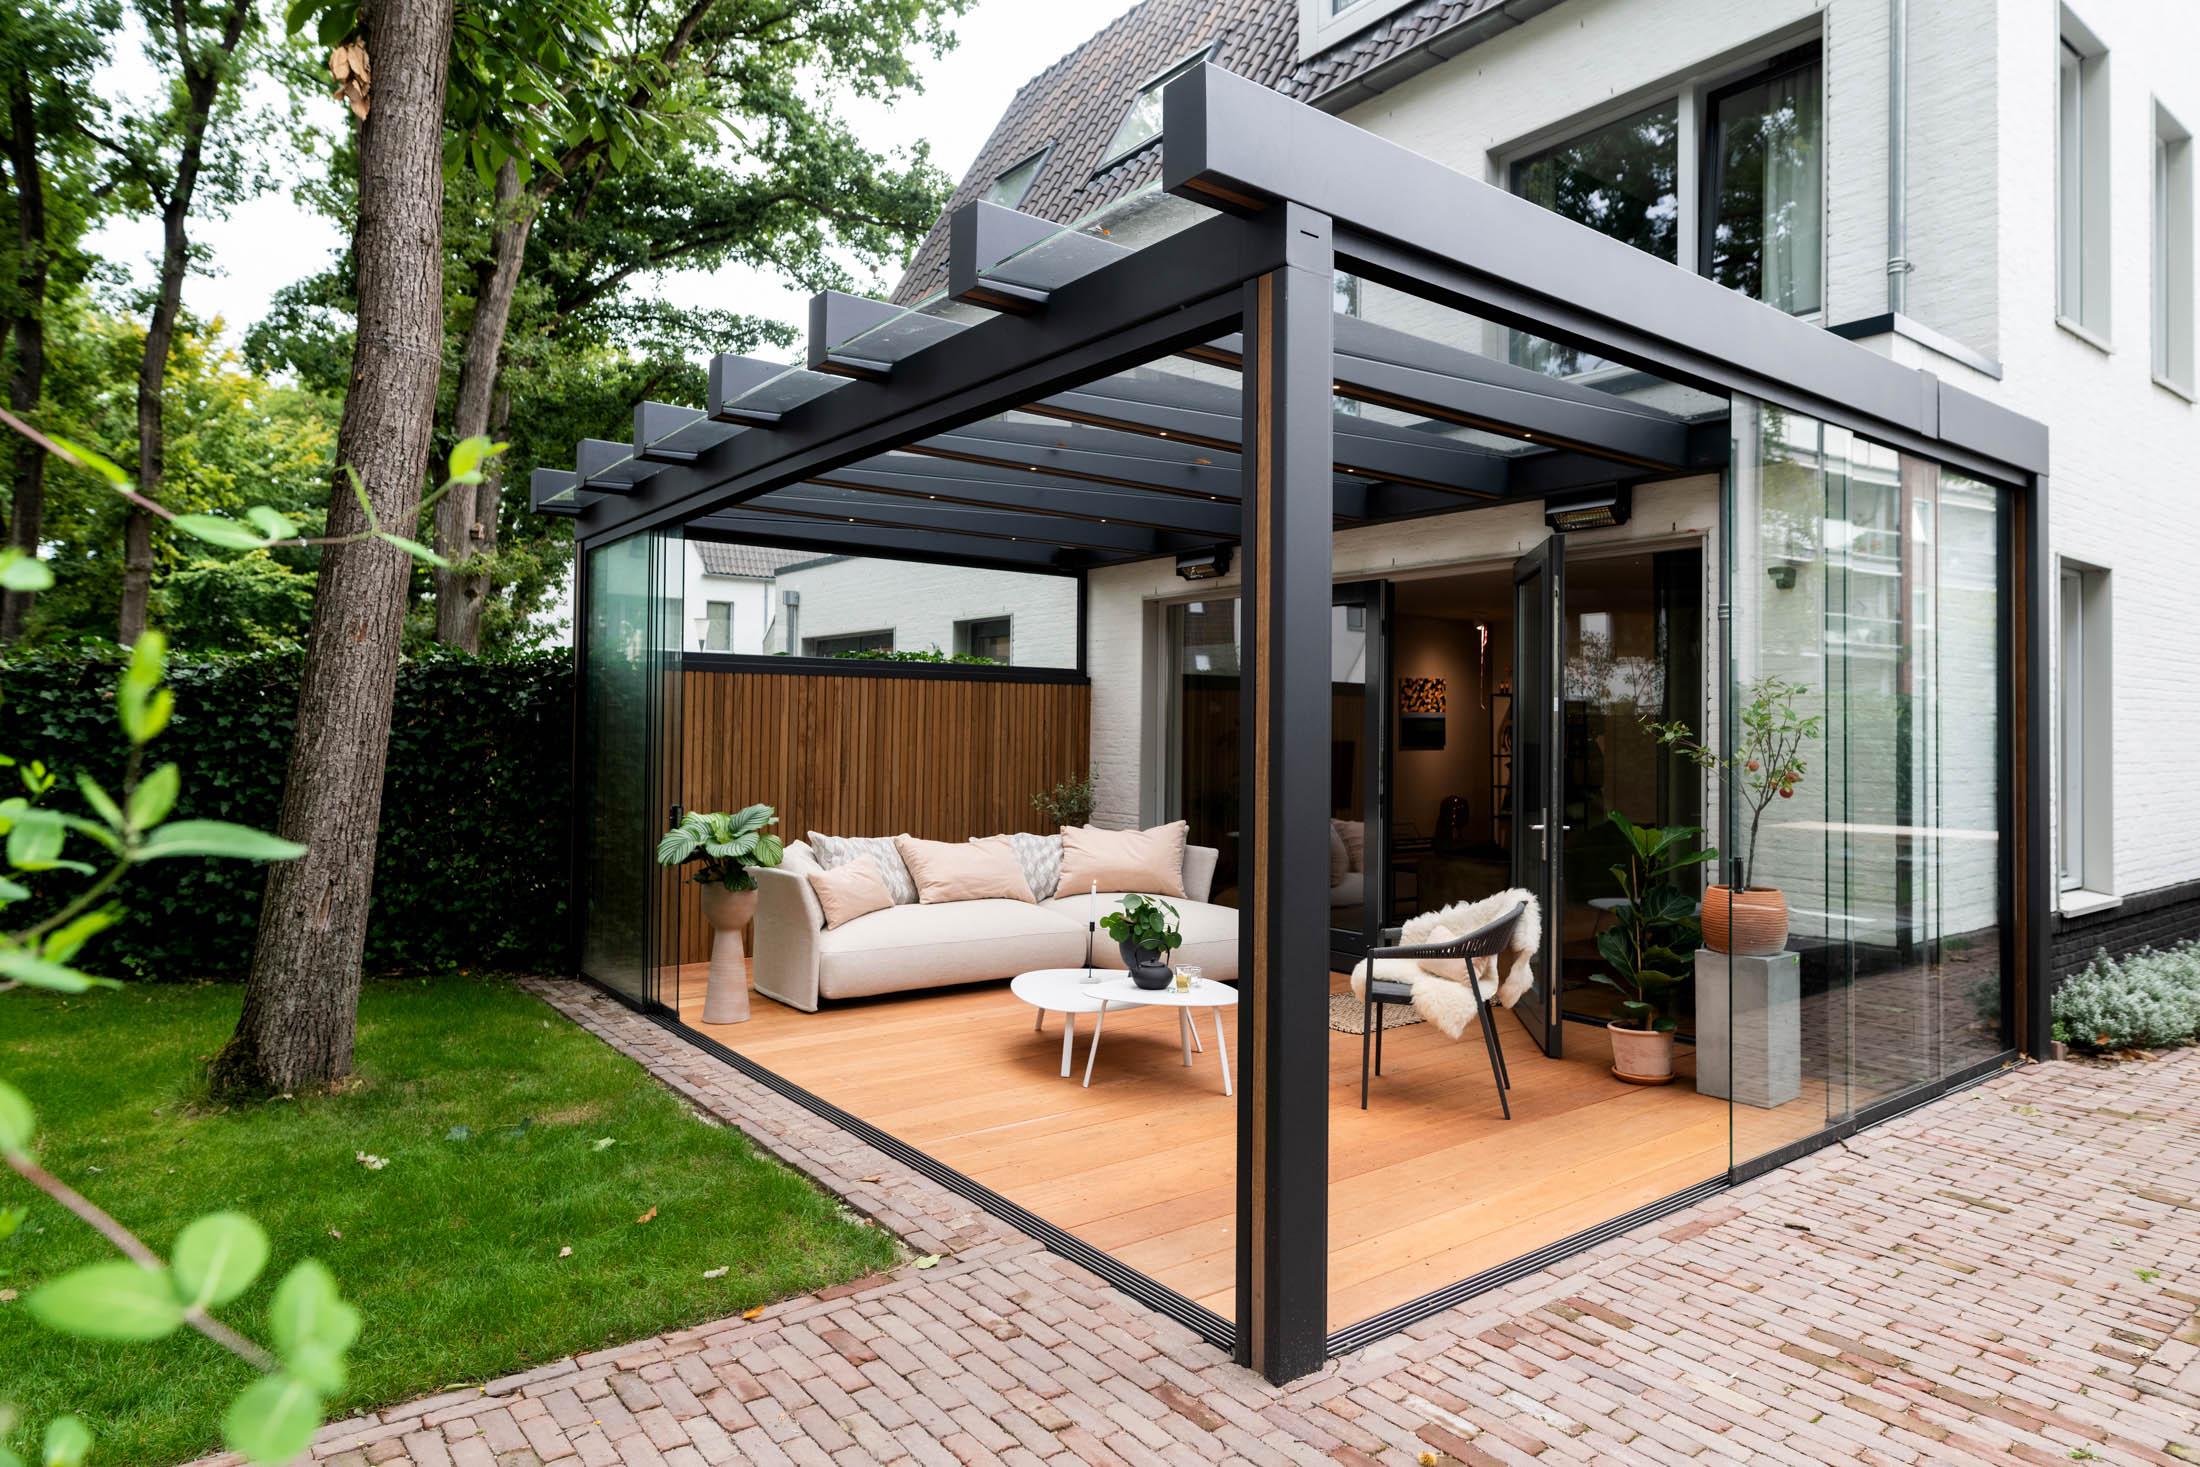 Exclusieve tuinkamer met glazen wanden